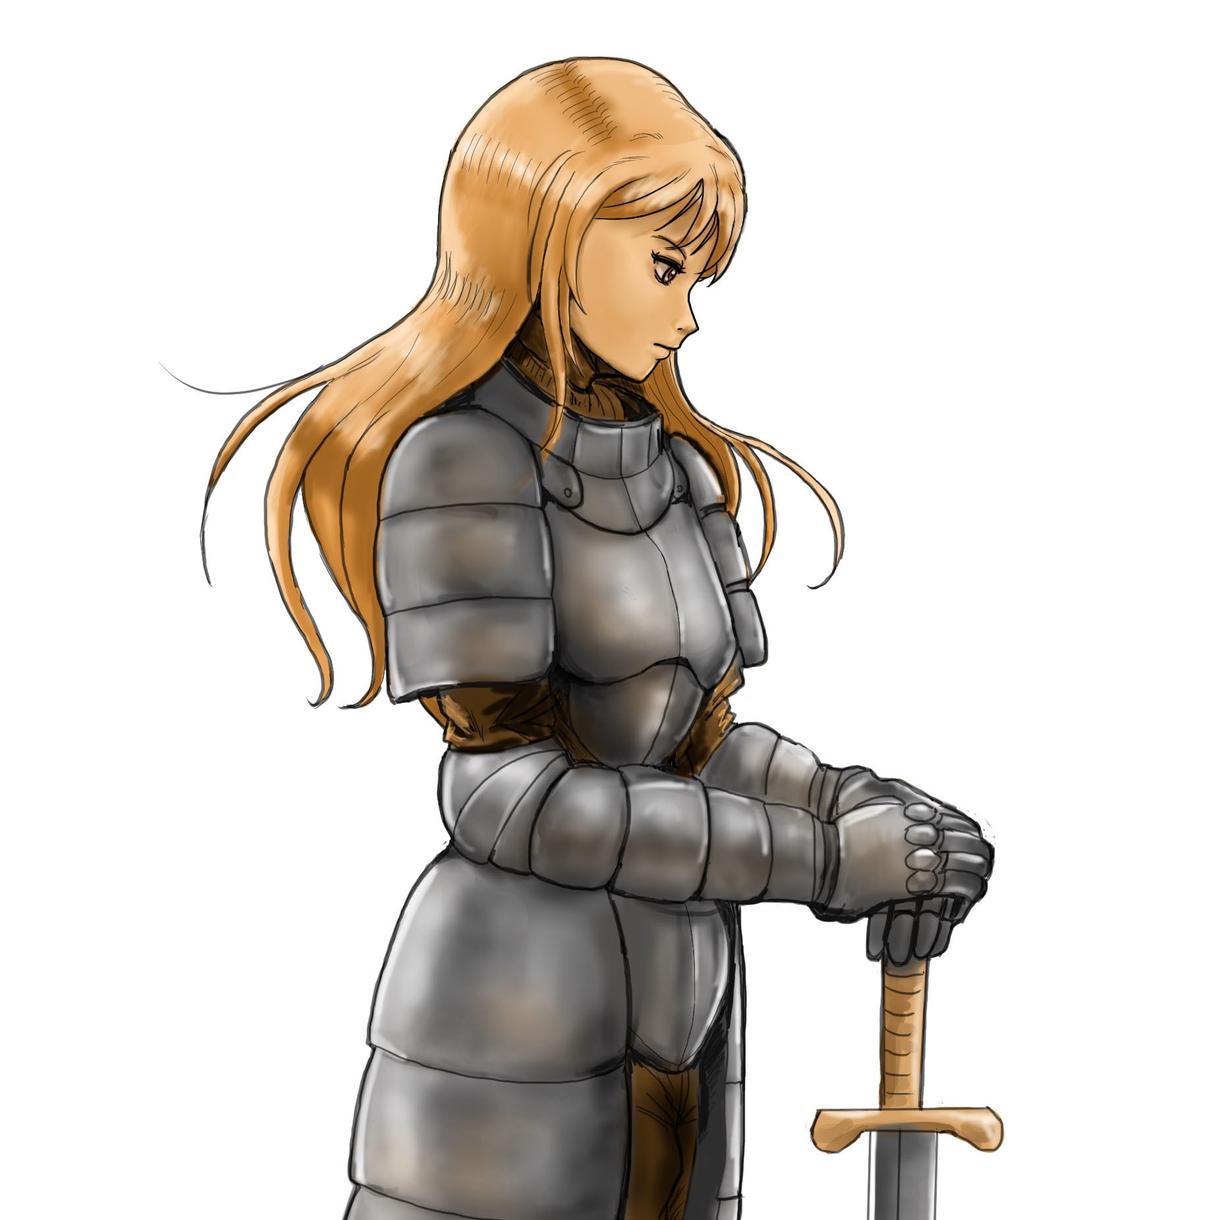 リアル系のファンタジーイラストをお描きします ゲーム、小説・TRPGの挿絵などにご利用いただけます イメージ1